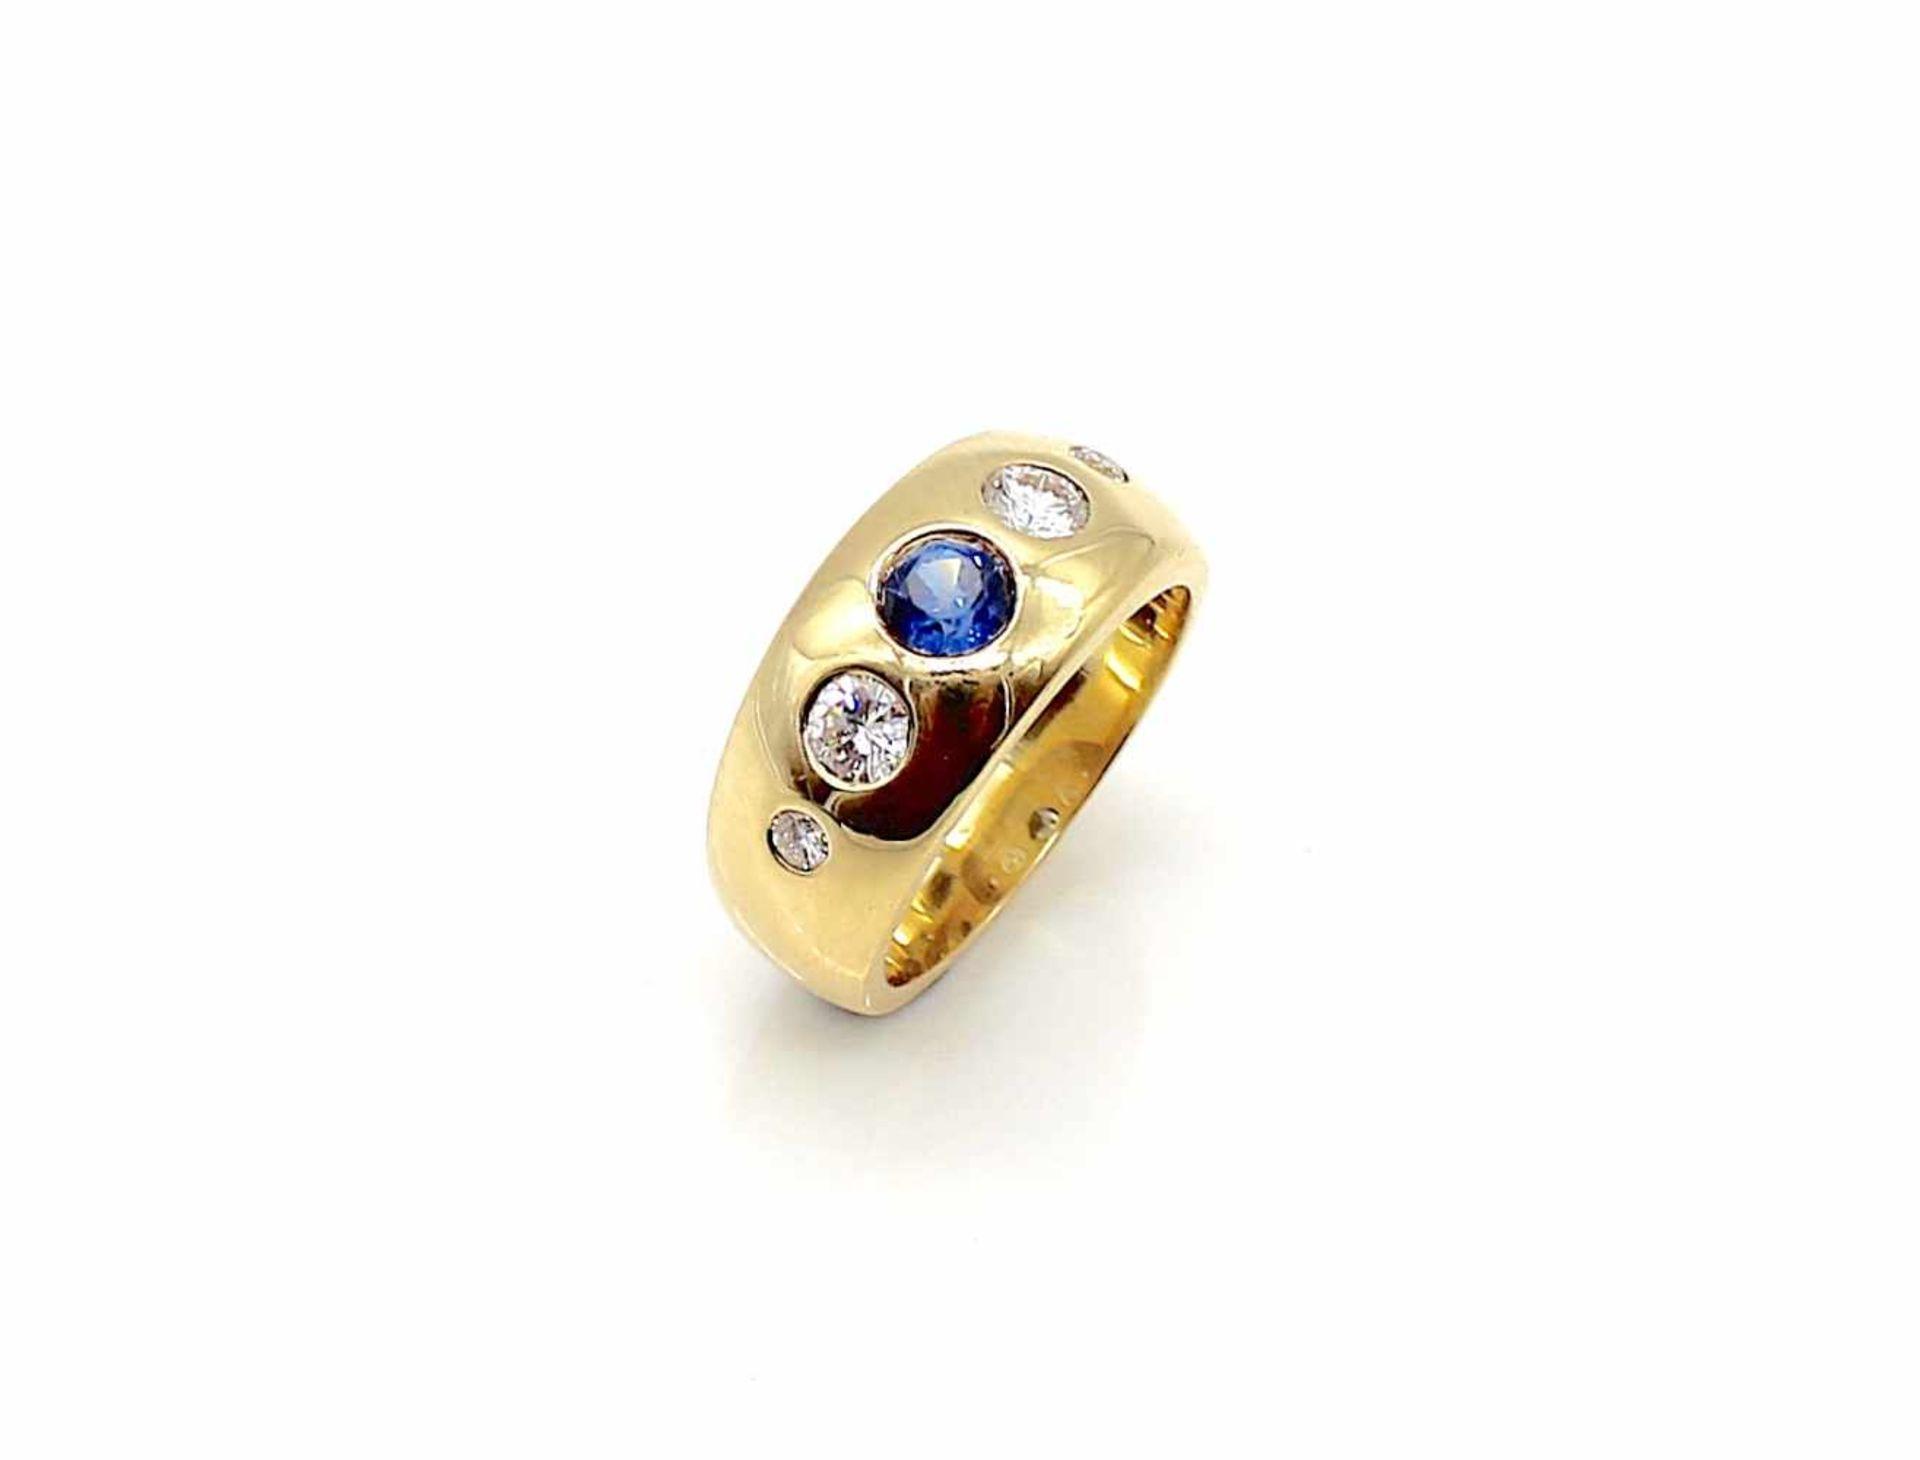 Los 47 - Ring 750 Gold Brillanten 2 x 0,25 ct und 2x 0,05 ct, hoher Farb- und mittlerer Reinheitsgrad und